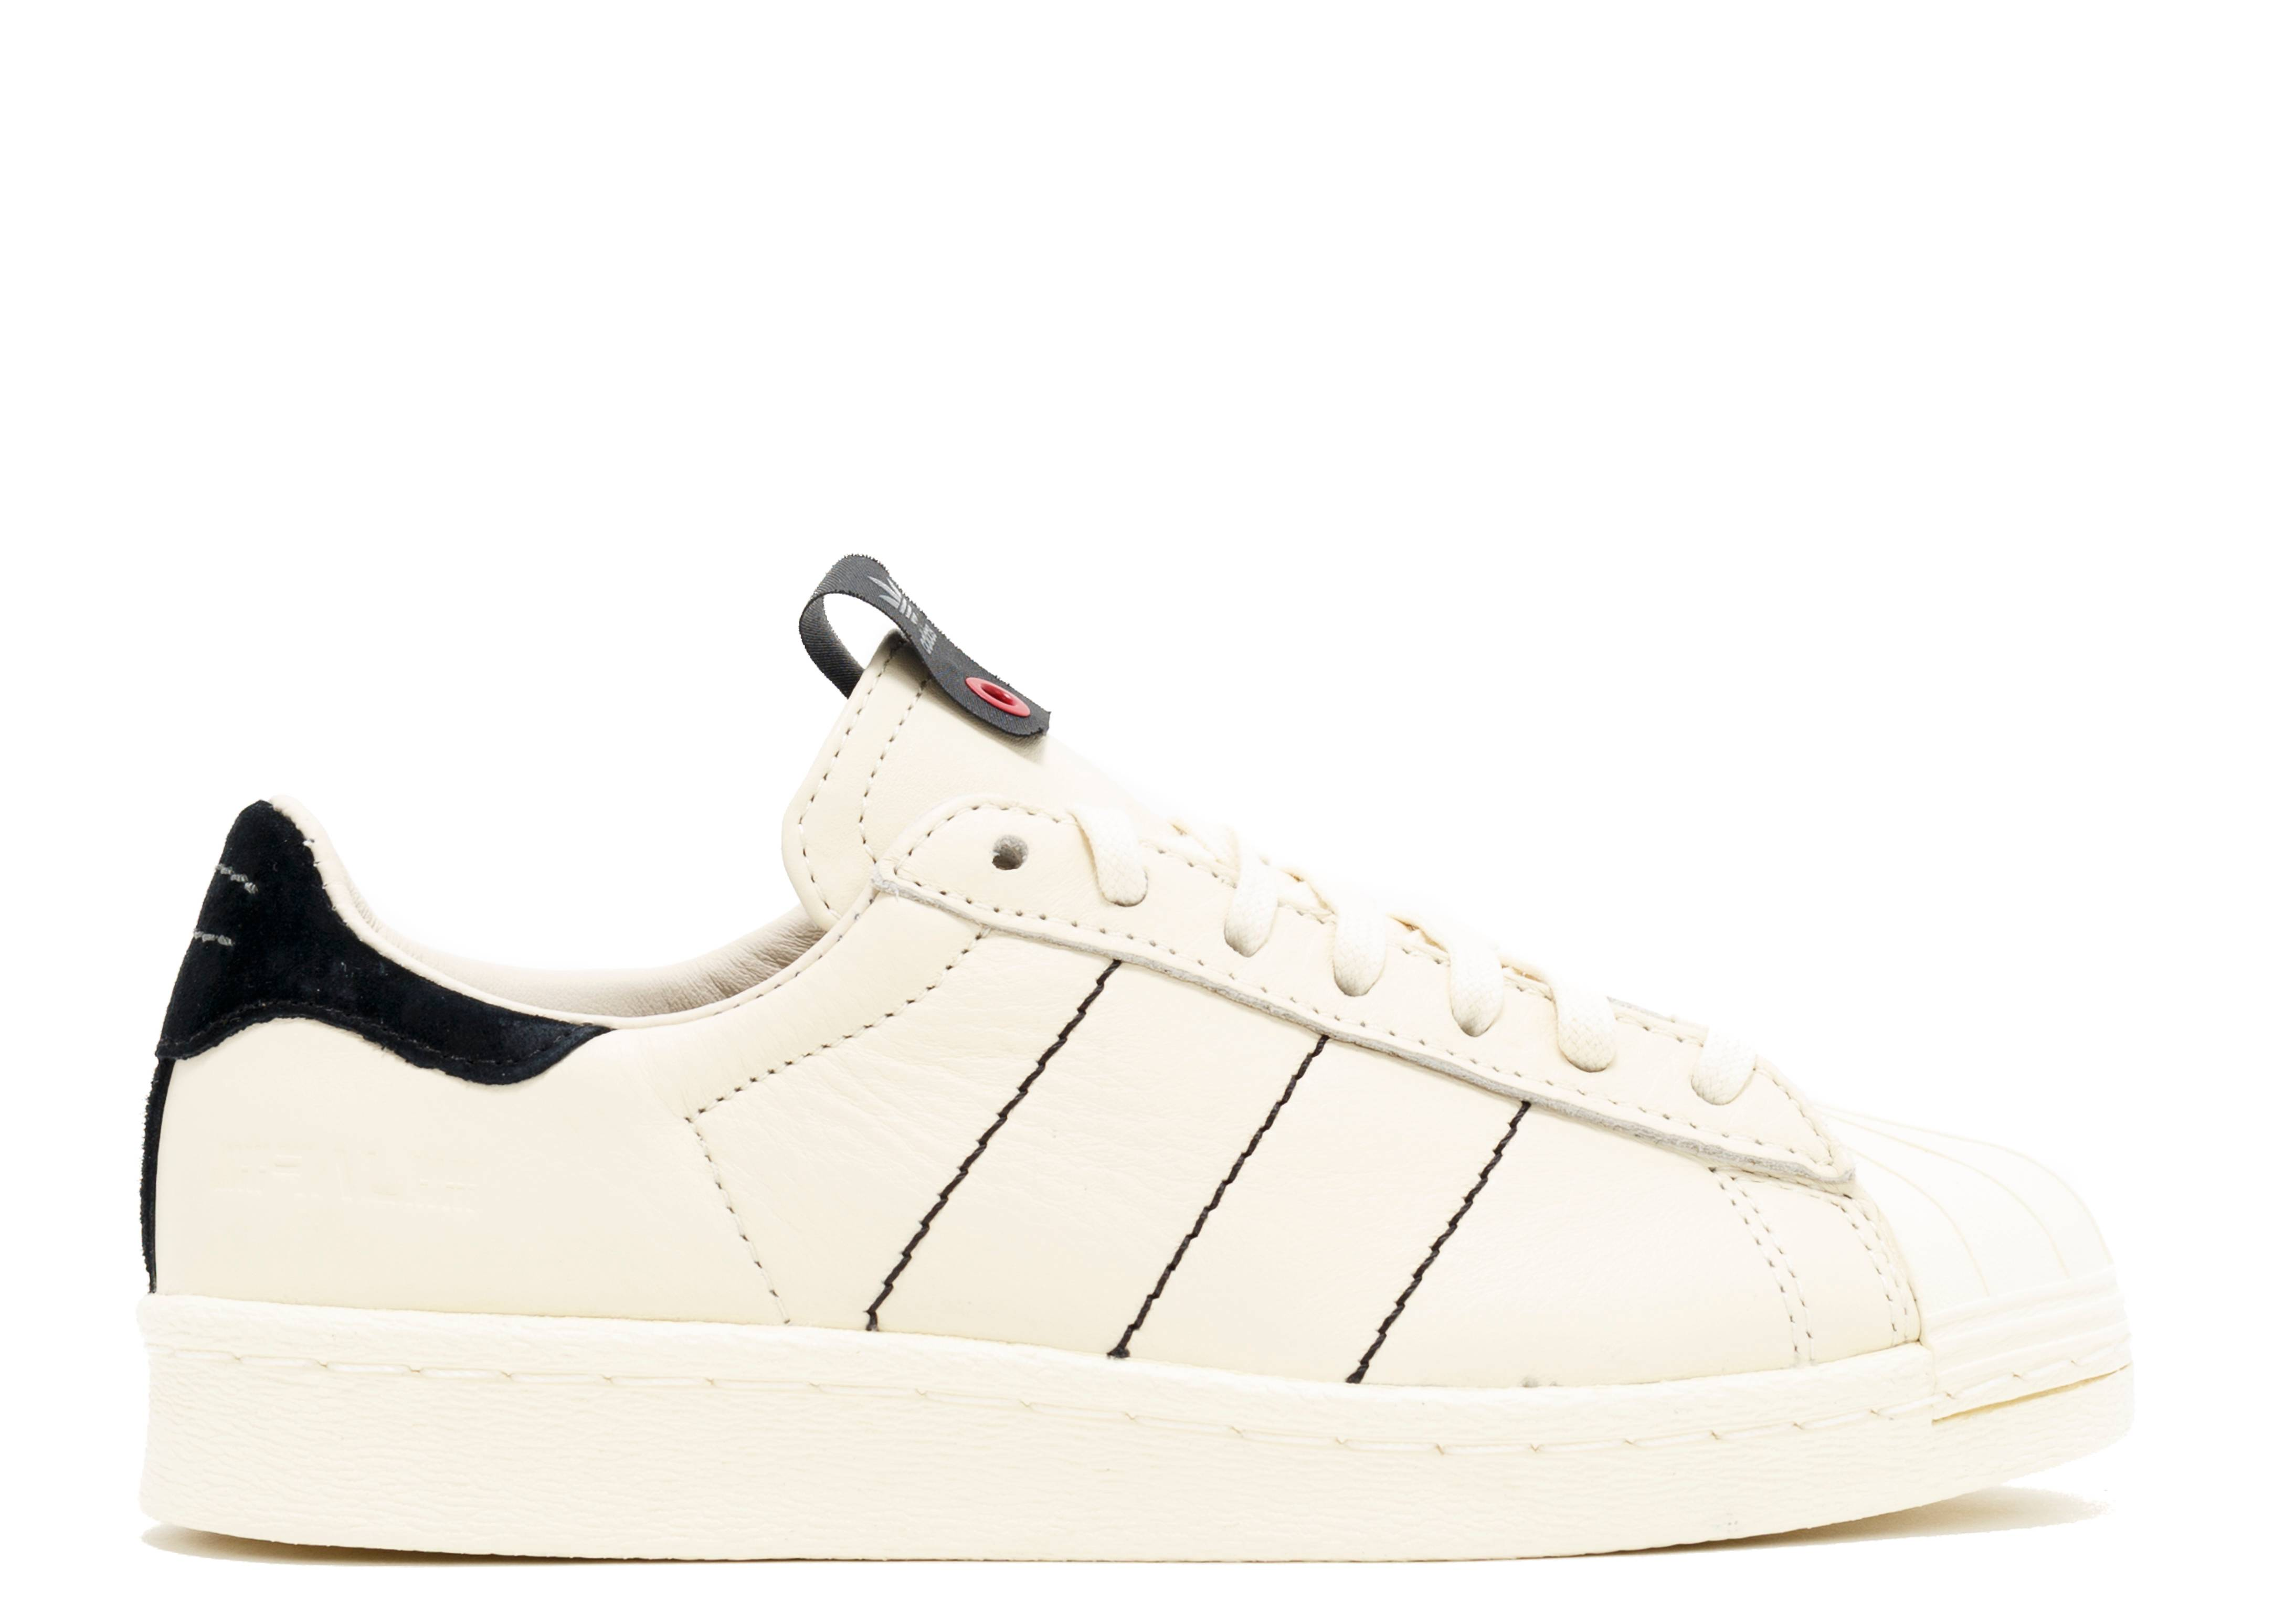 adidas Superstar W Ice Mint/ Ftw White/ Ftw White Footshop